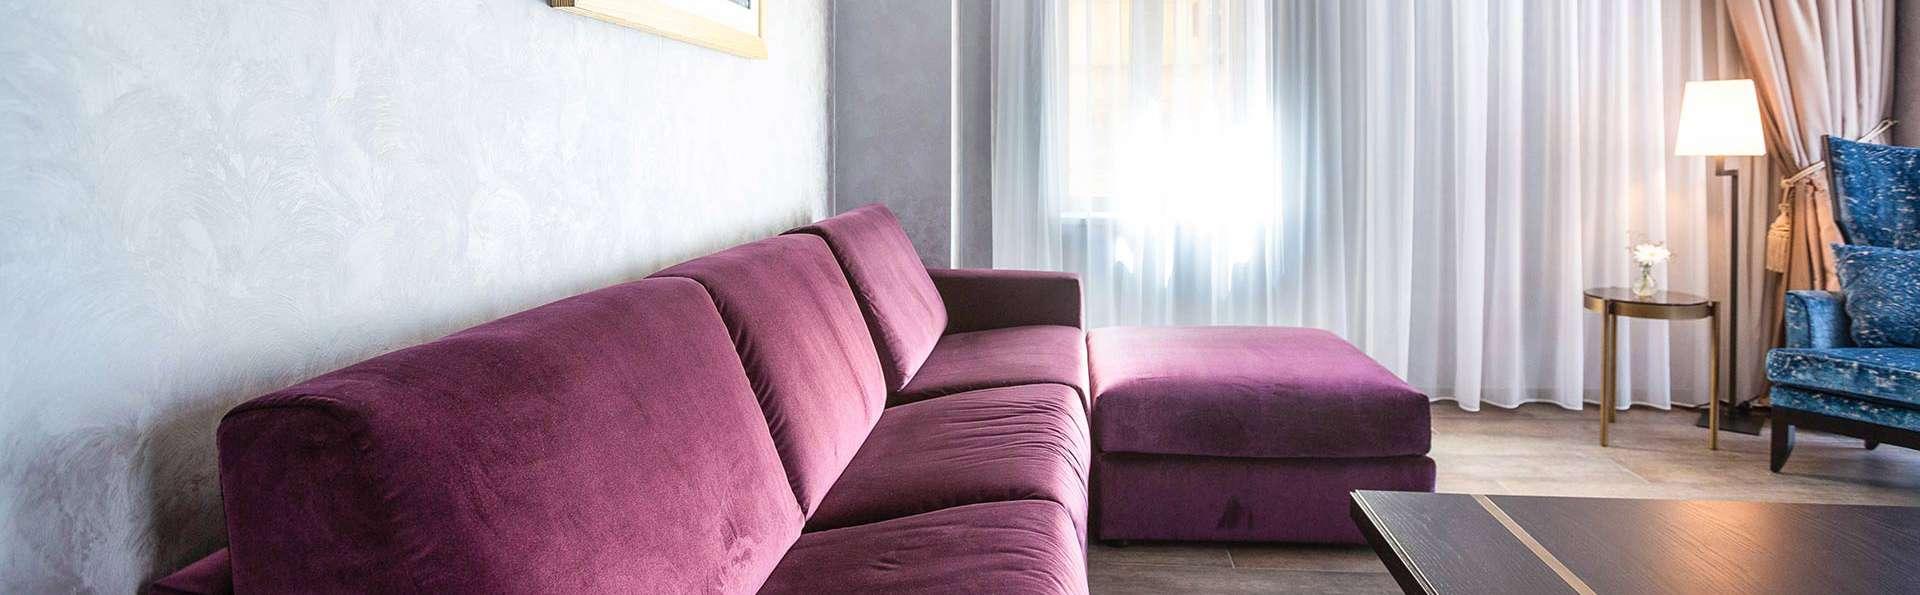 Elke Spa Hotel - EDIT_LOBBY_01.jpg